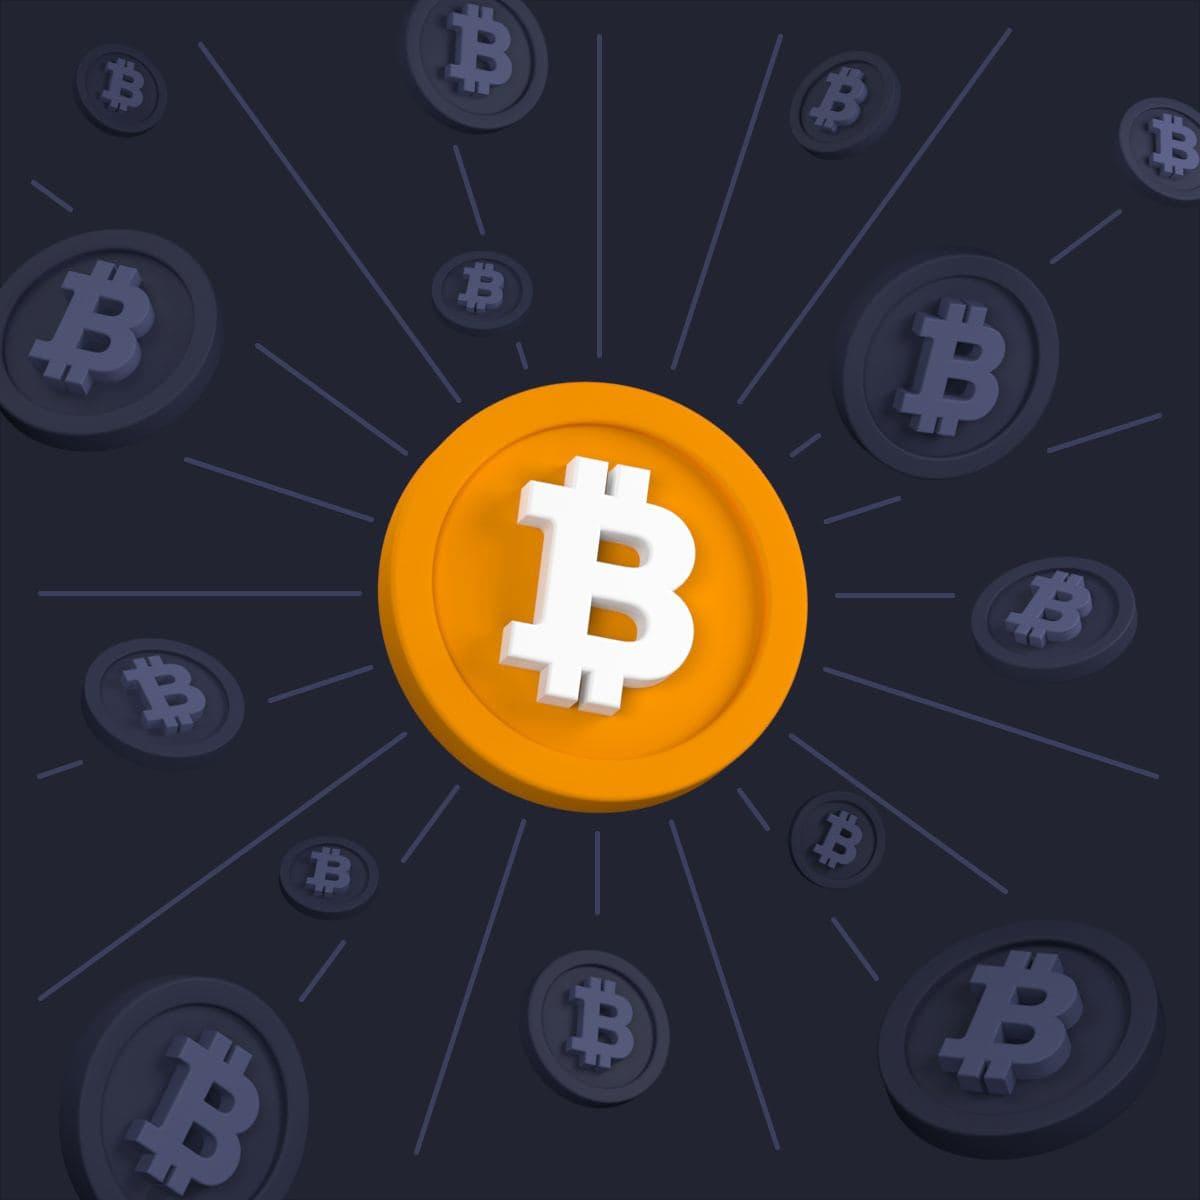 Nuovo crollo per Bitcoin. Le cripto bruciano miliardi in 10 giorni